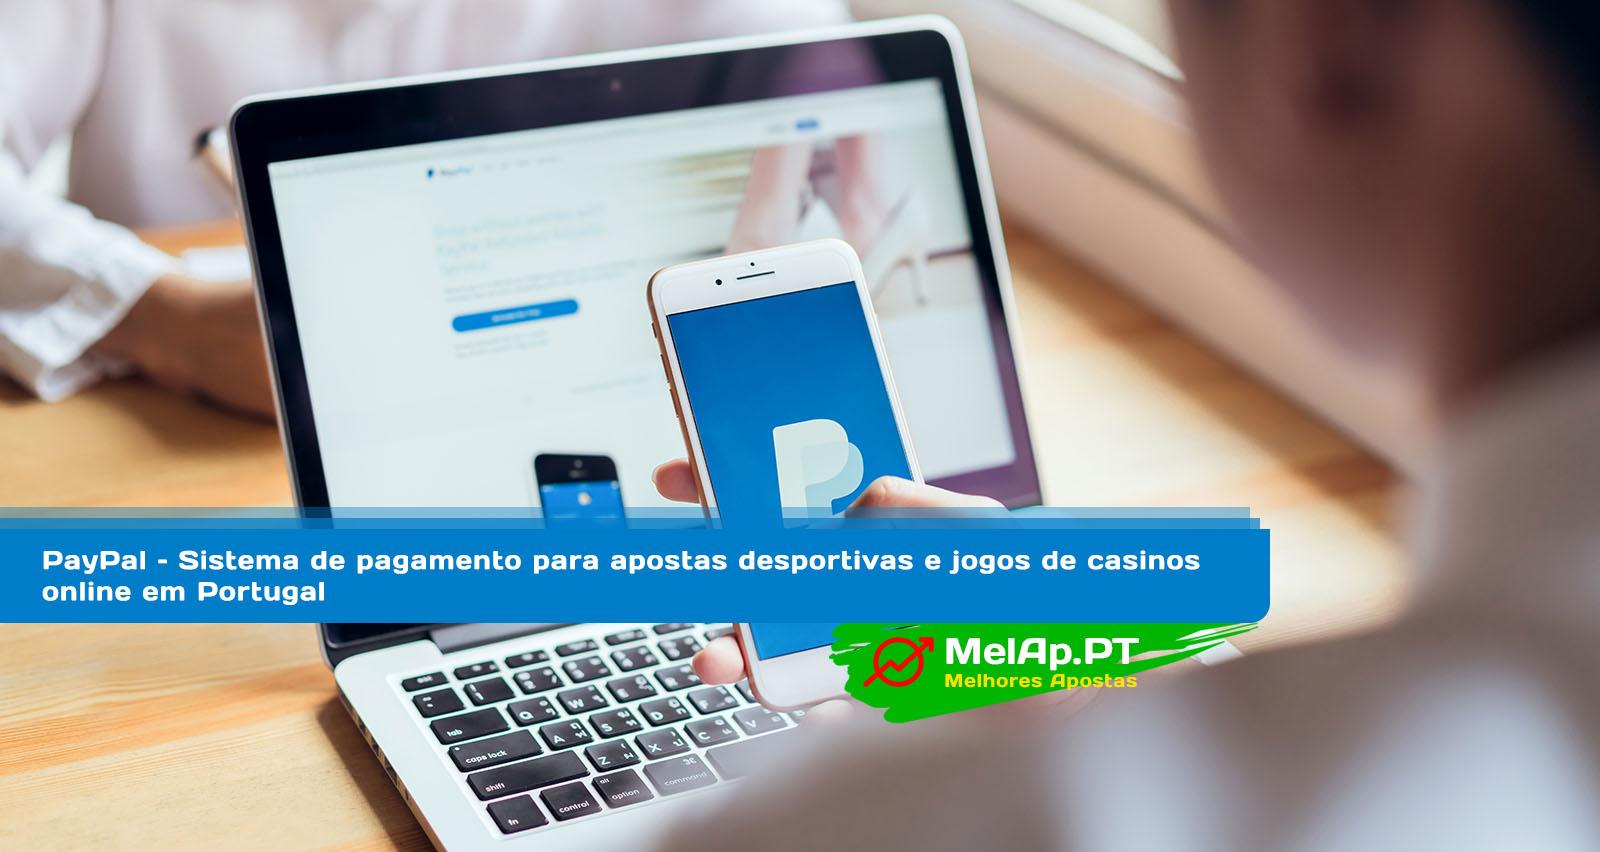 PayPal – Sistema de pagamento para apostas desportivas e jogos de casinos online em Portugal